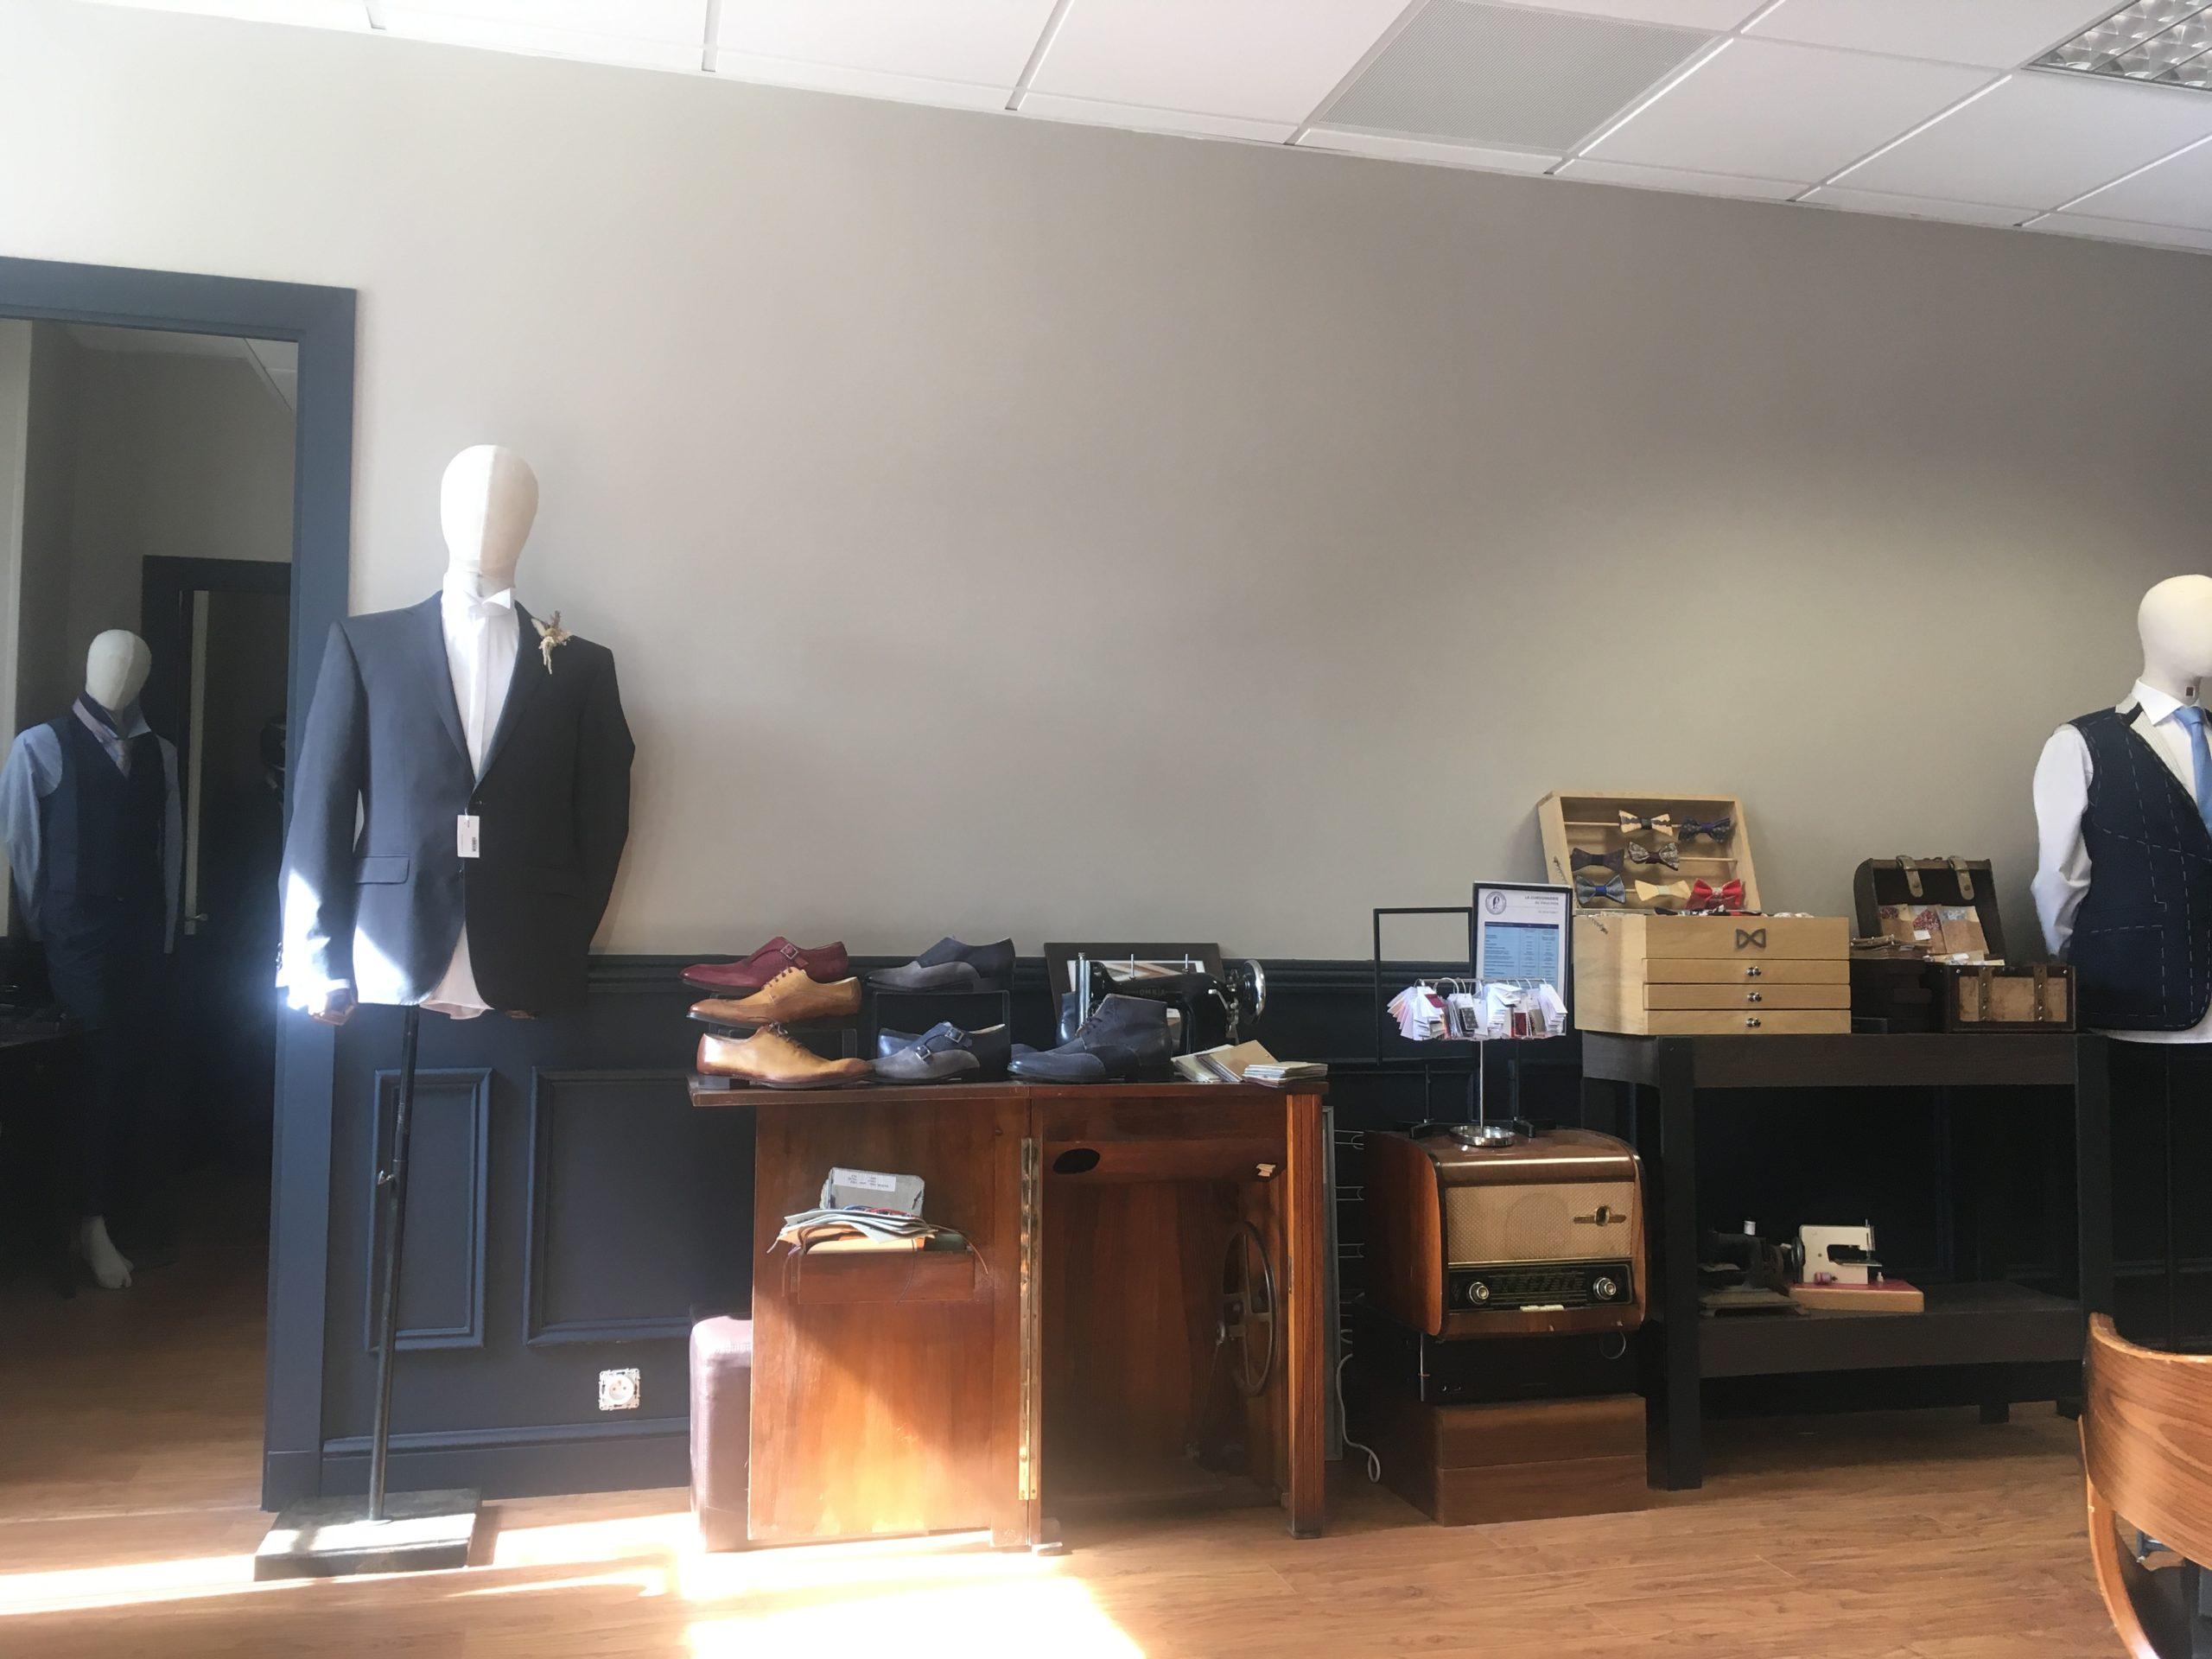 le showroom 25.52 be unique